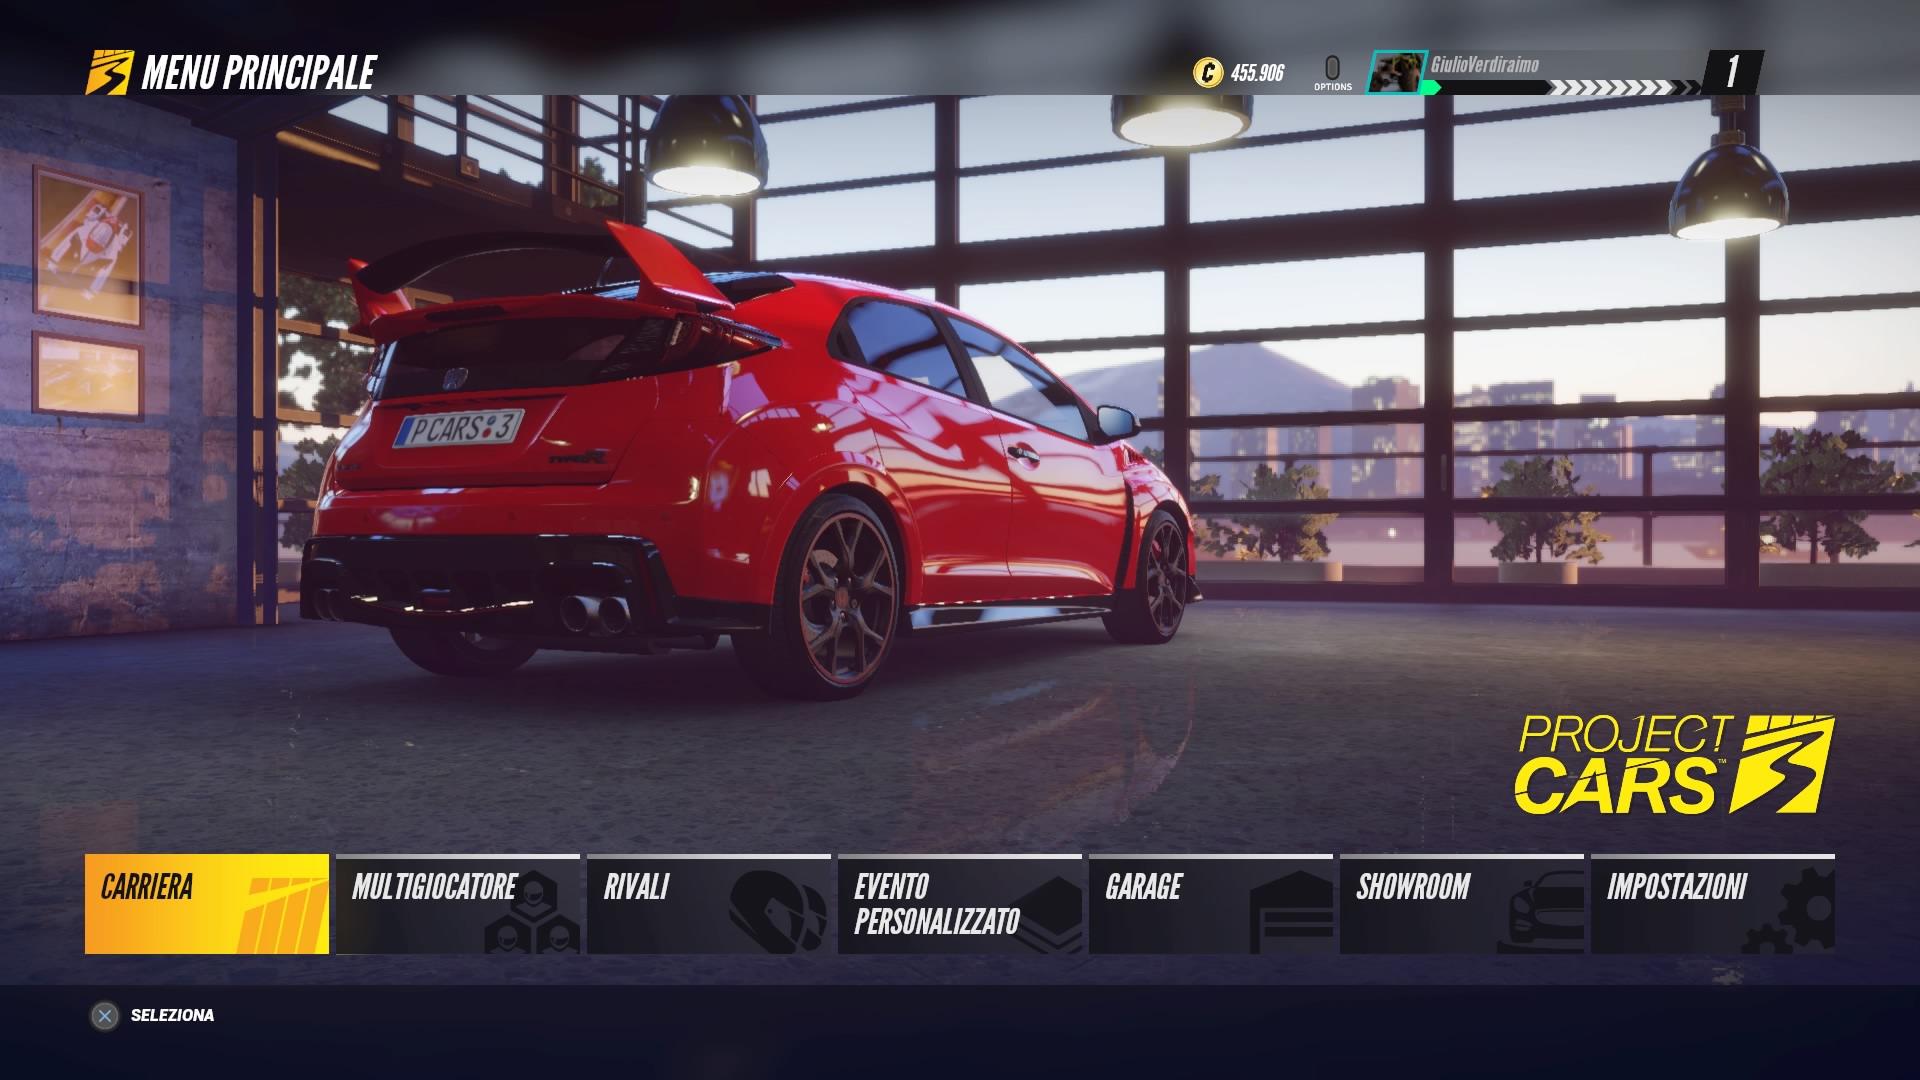 Project CARS 3 schermata iniziale